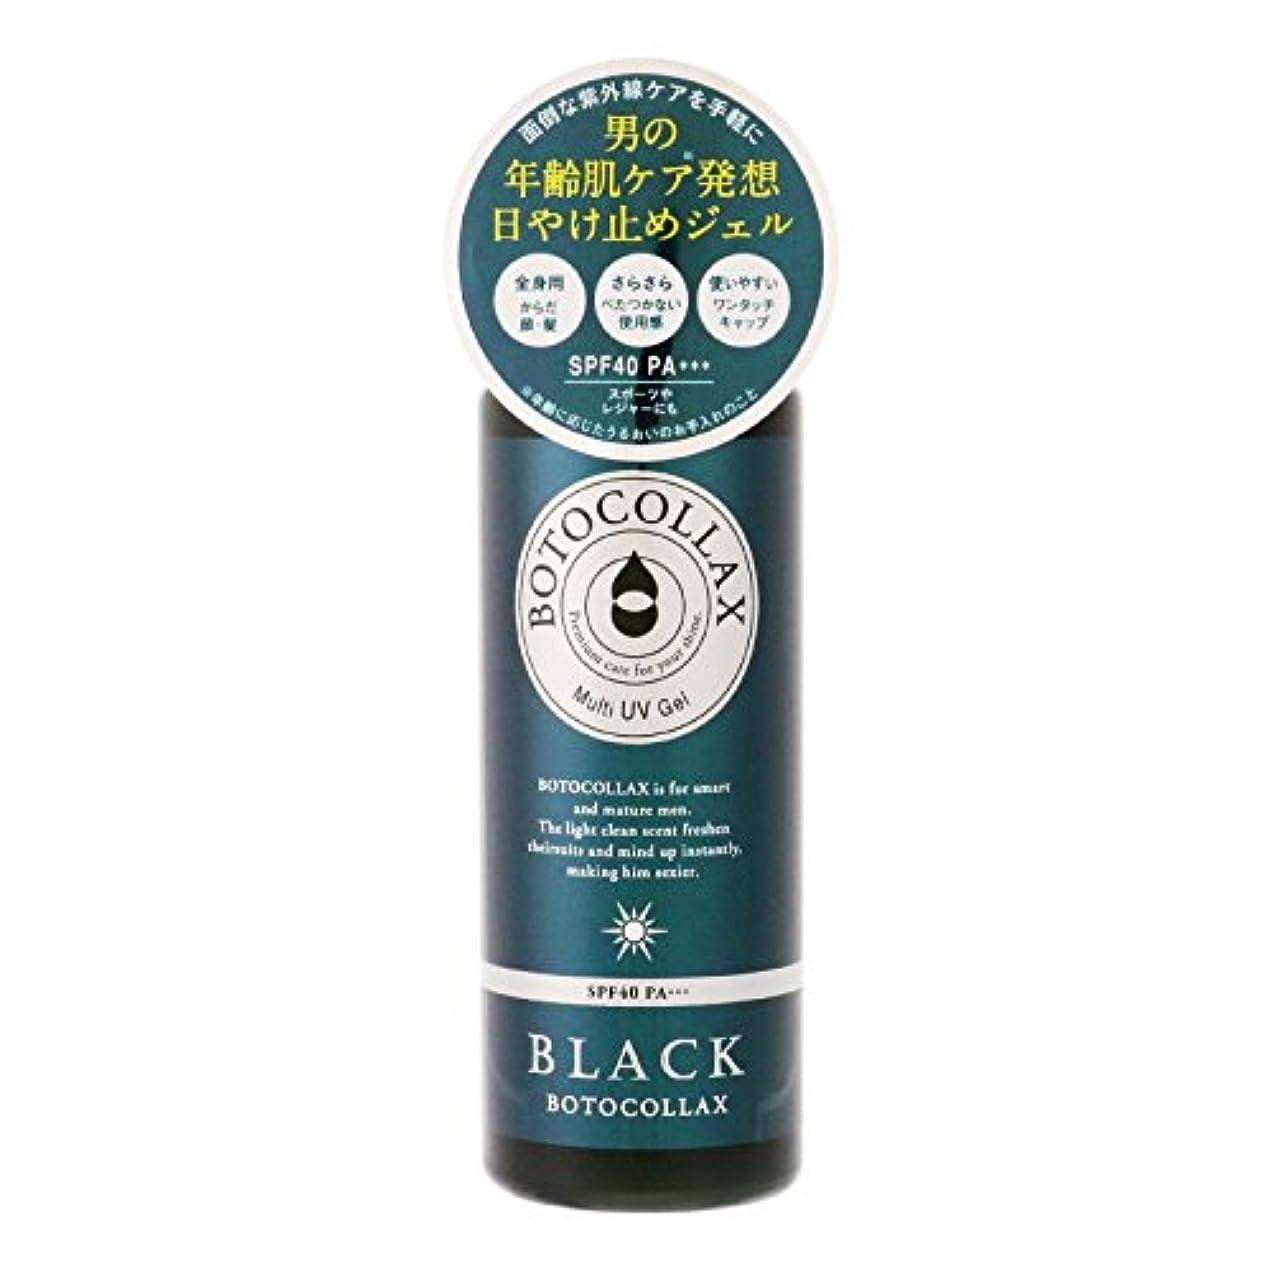 バレルファンド効果的ボトコラックスブラック オーシャン マルチUVジェル ベルガモットグリーンの香り 70g